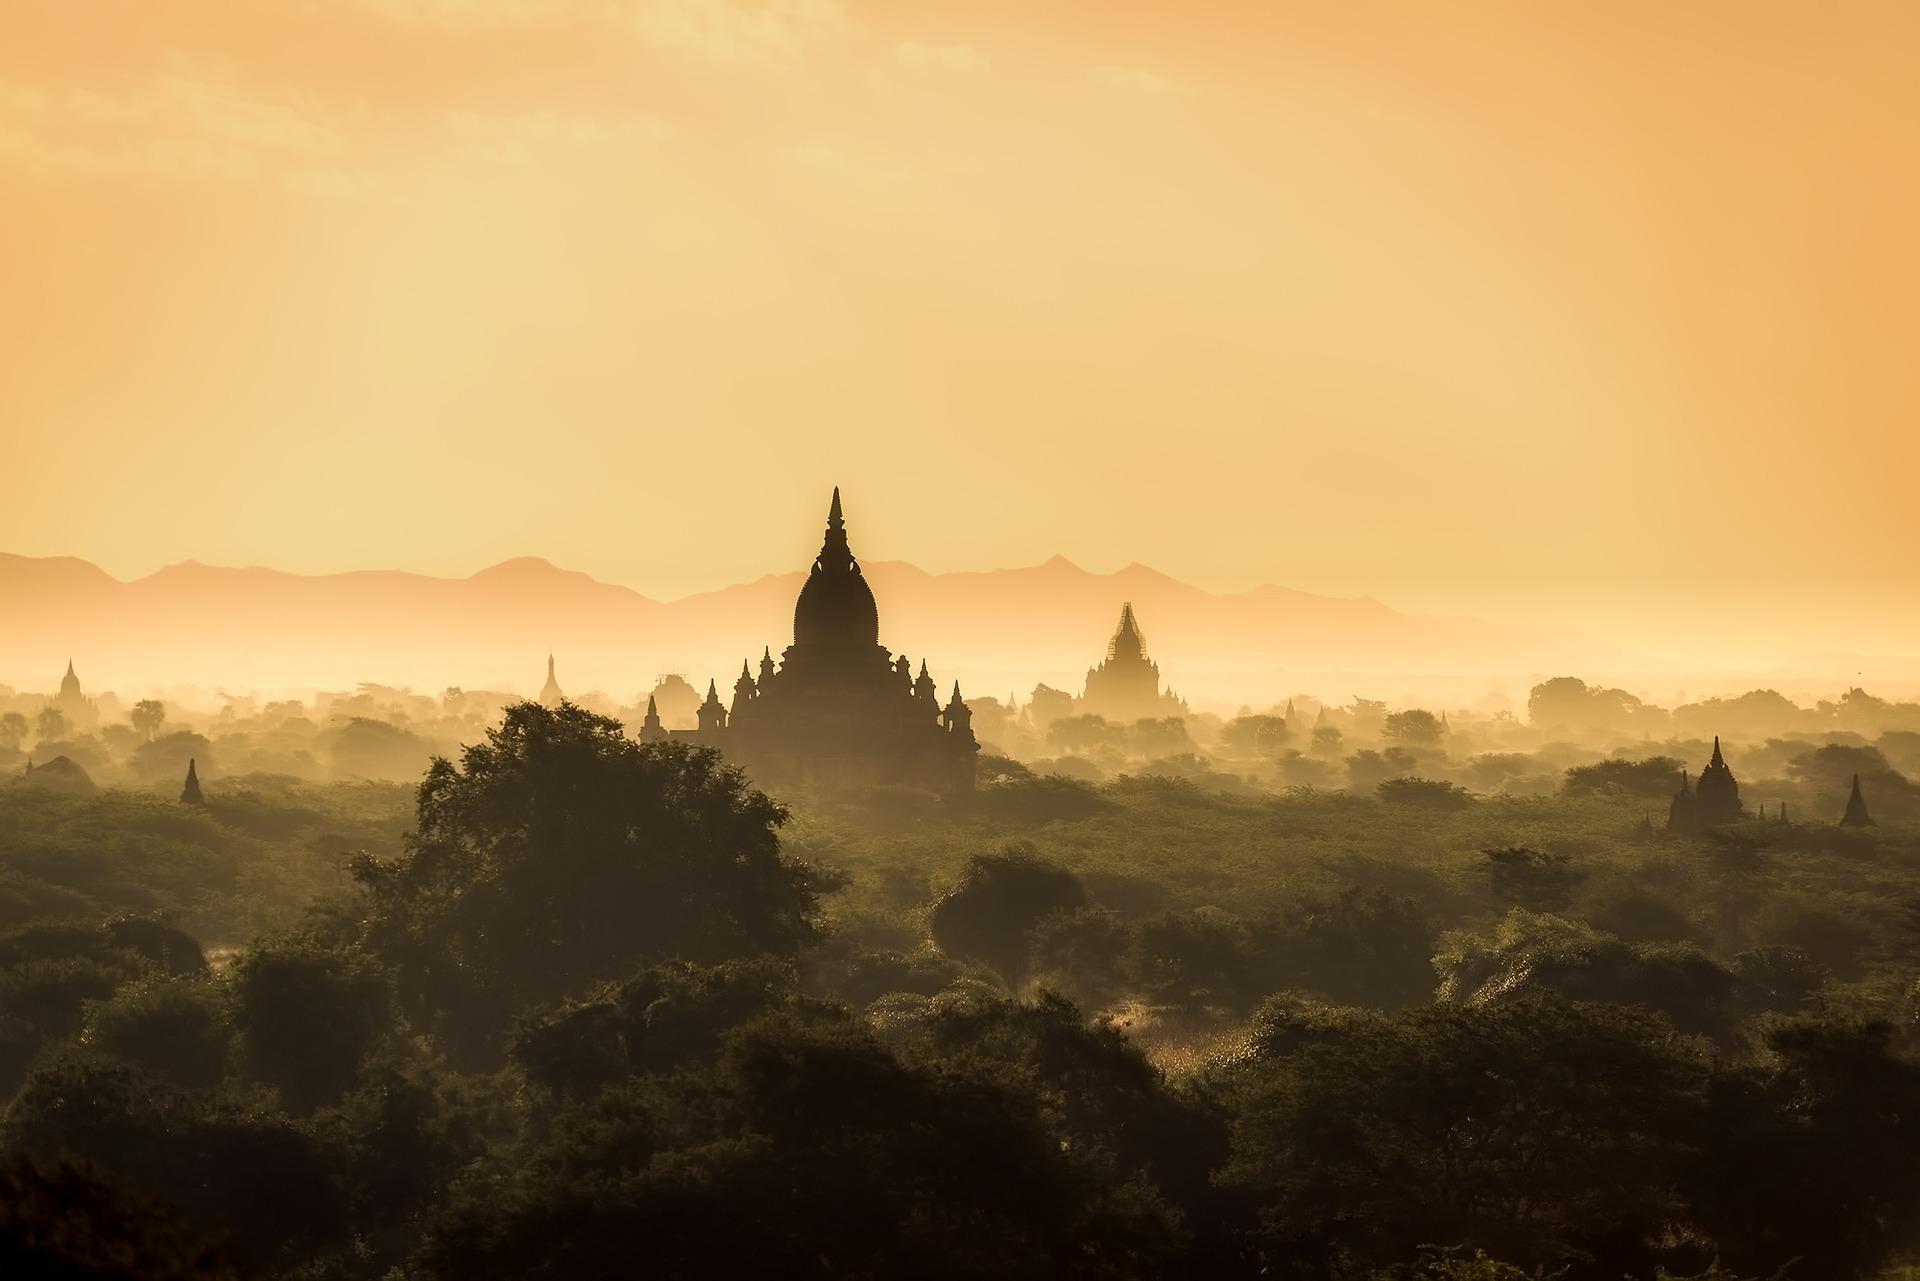 viaggio in solitaria myanmar